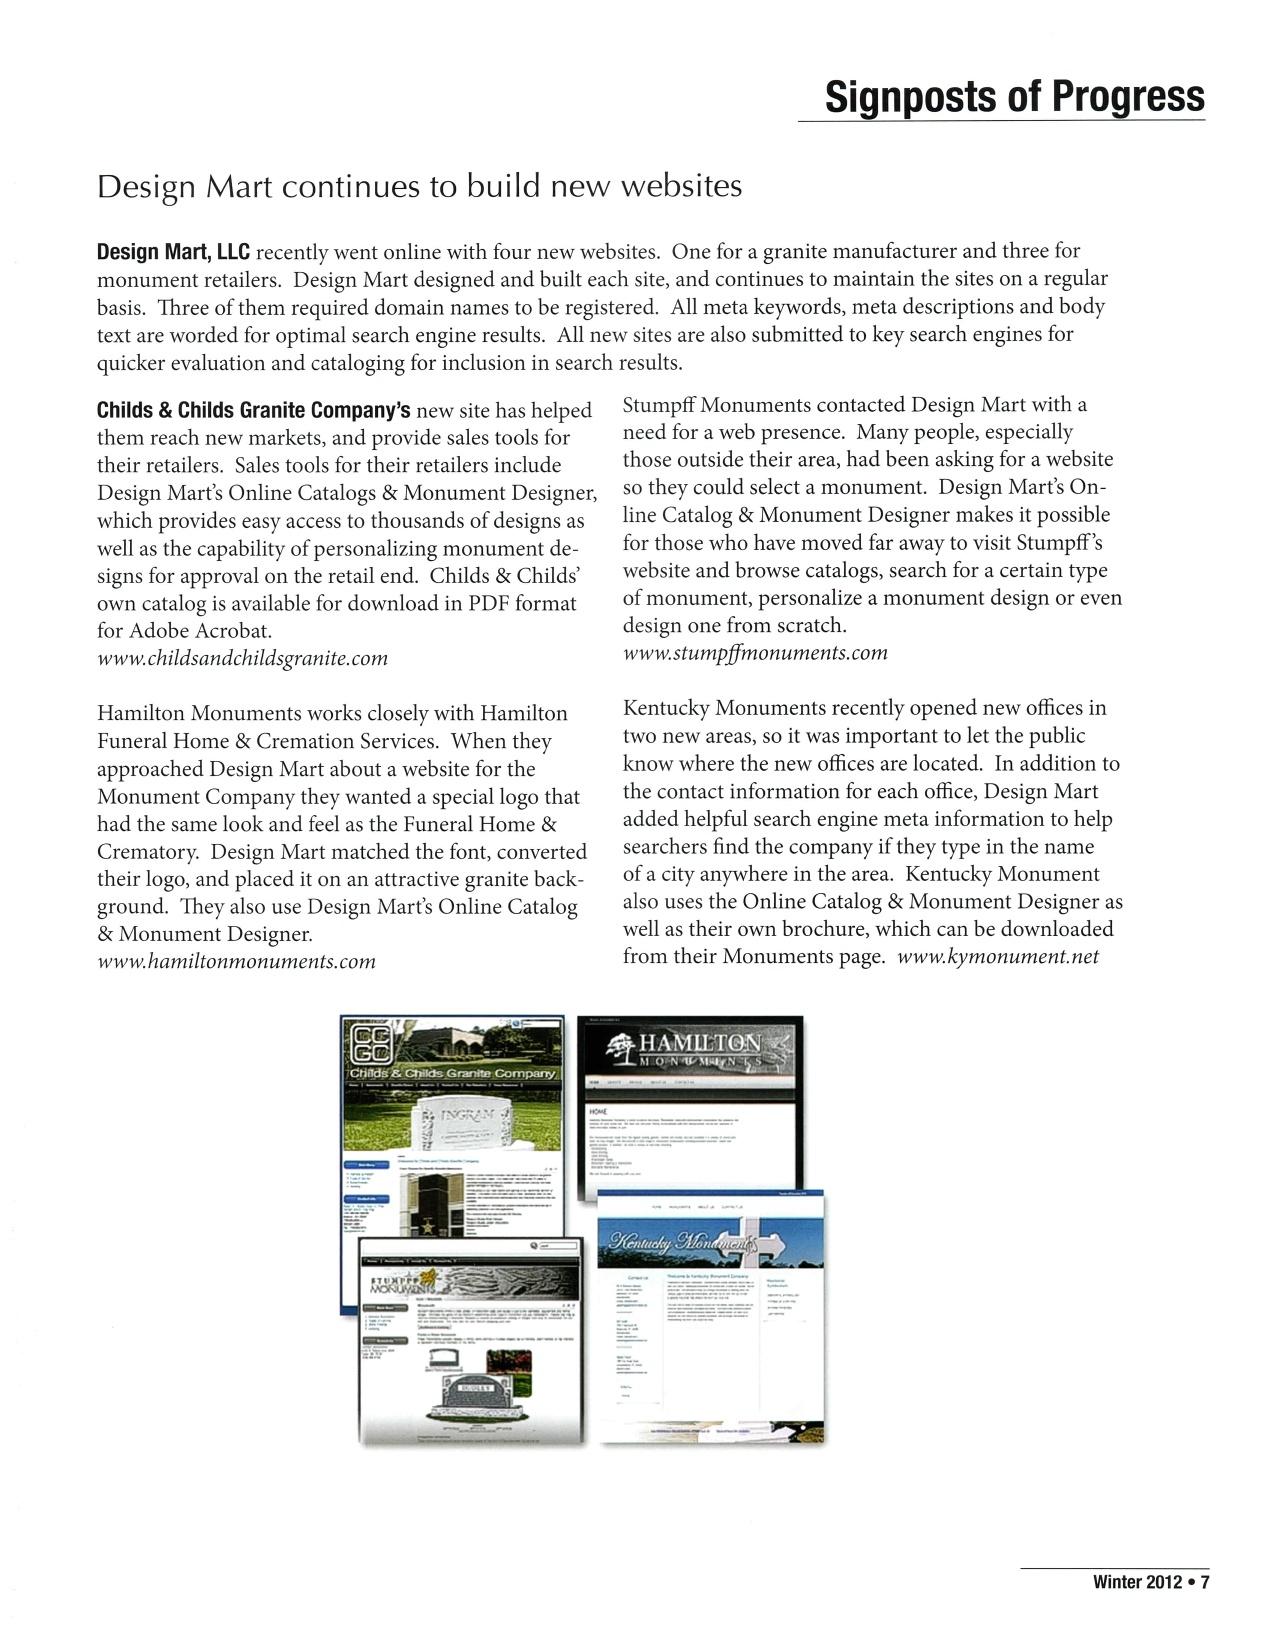 Winter 2012 | EGA Online